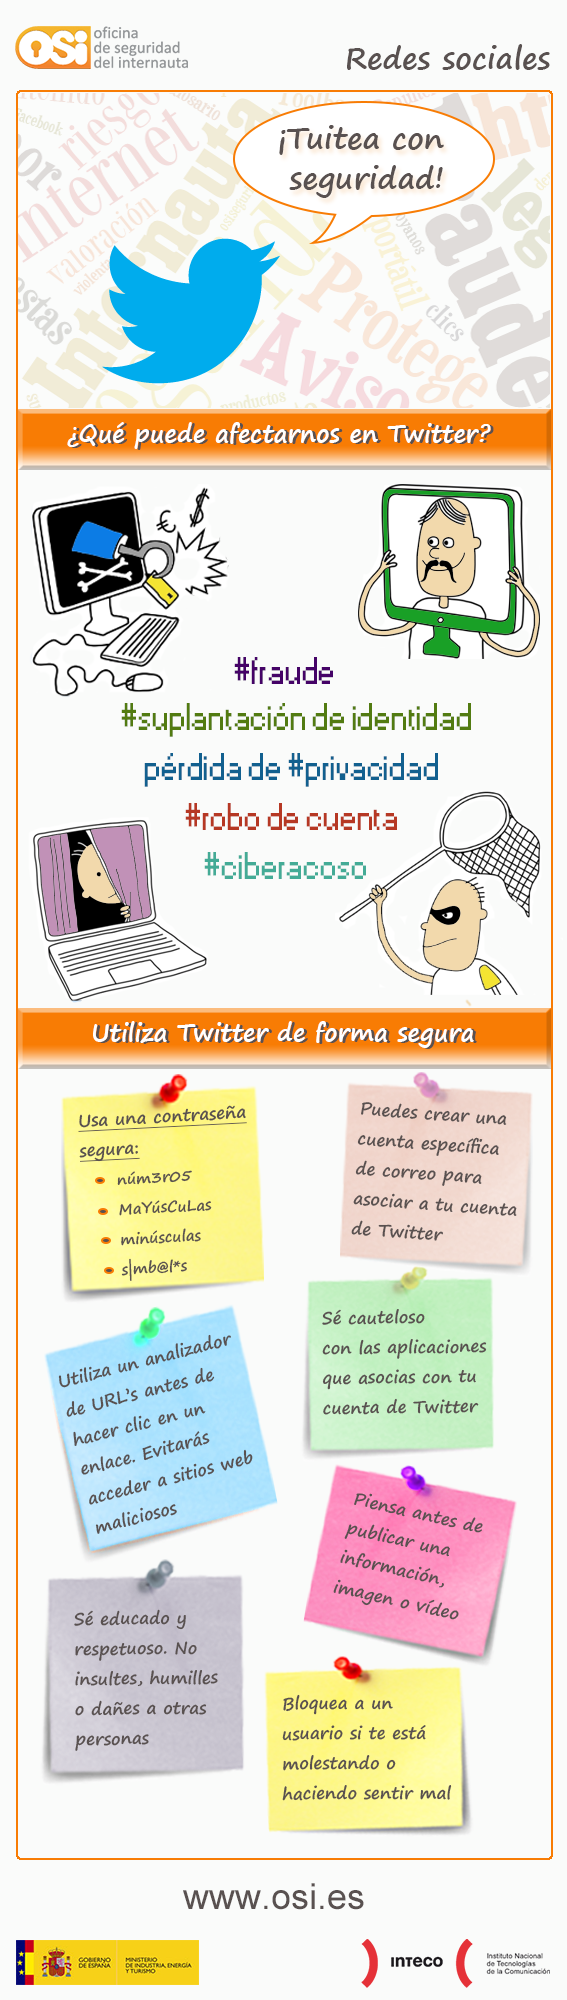 Tuitea con seguridad oficina de seguridad del internauta social media pinterest - Oficina de seguridad del internauta ...